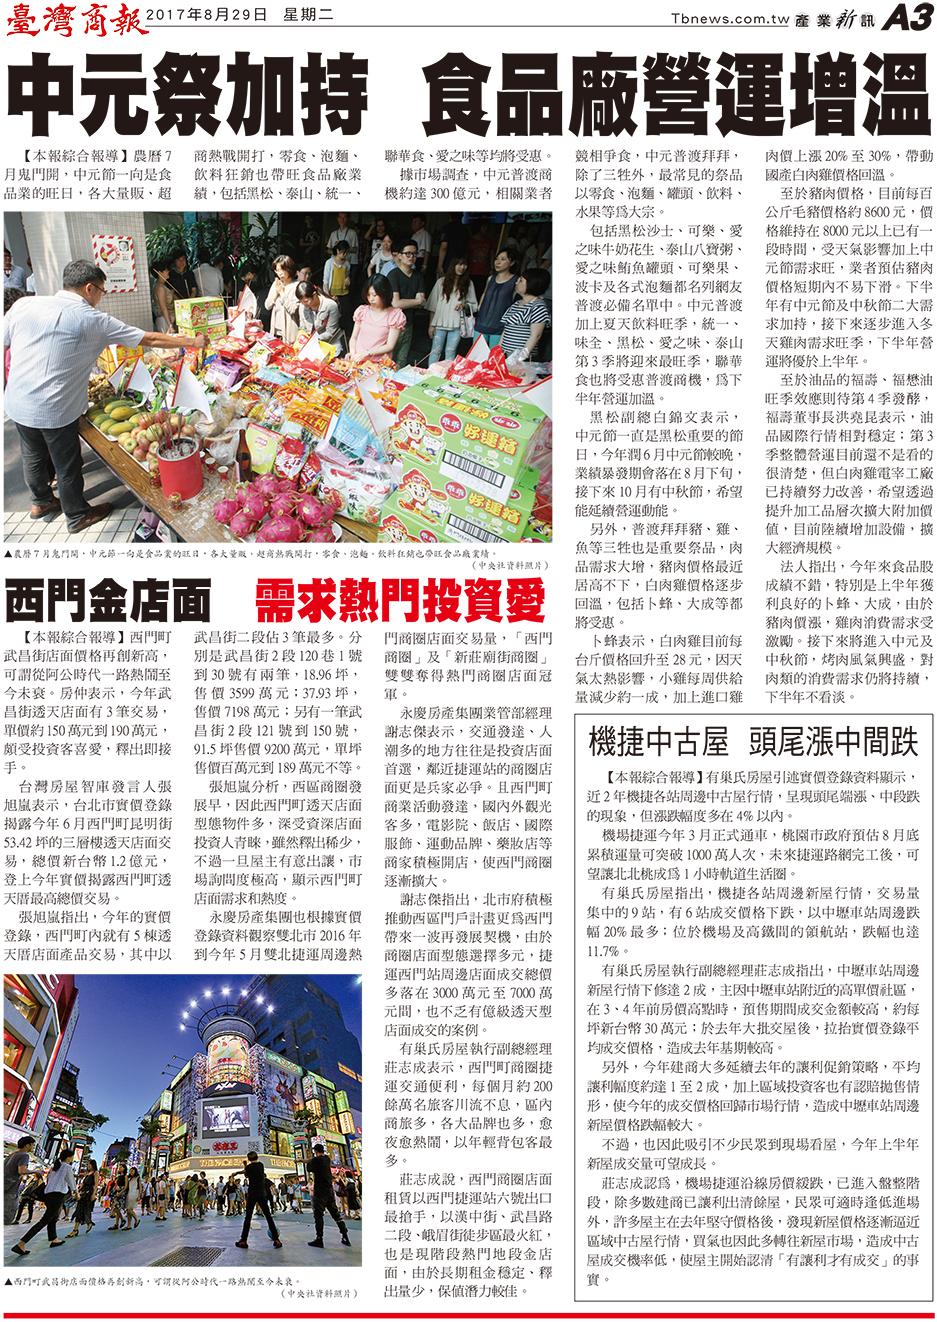 中元祭加持 食品廠營運增溫